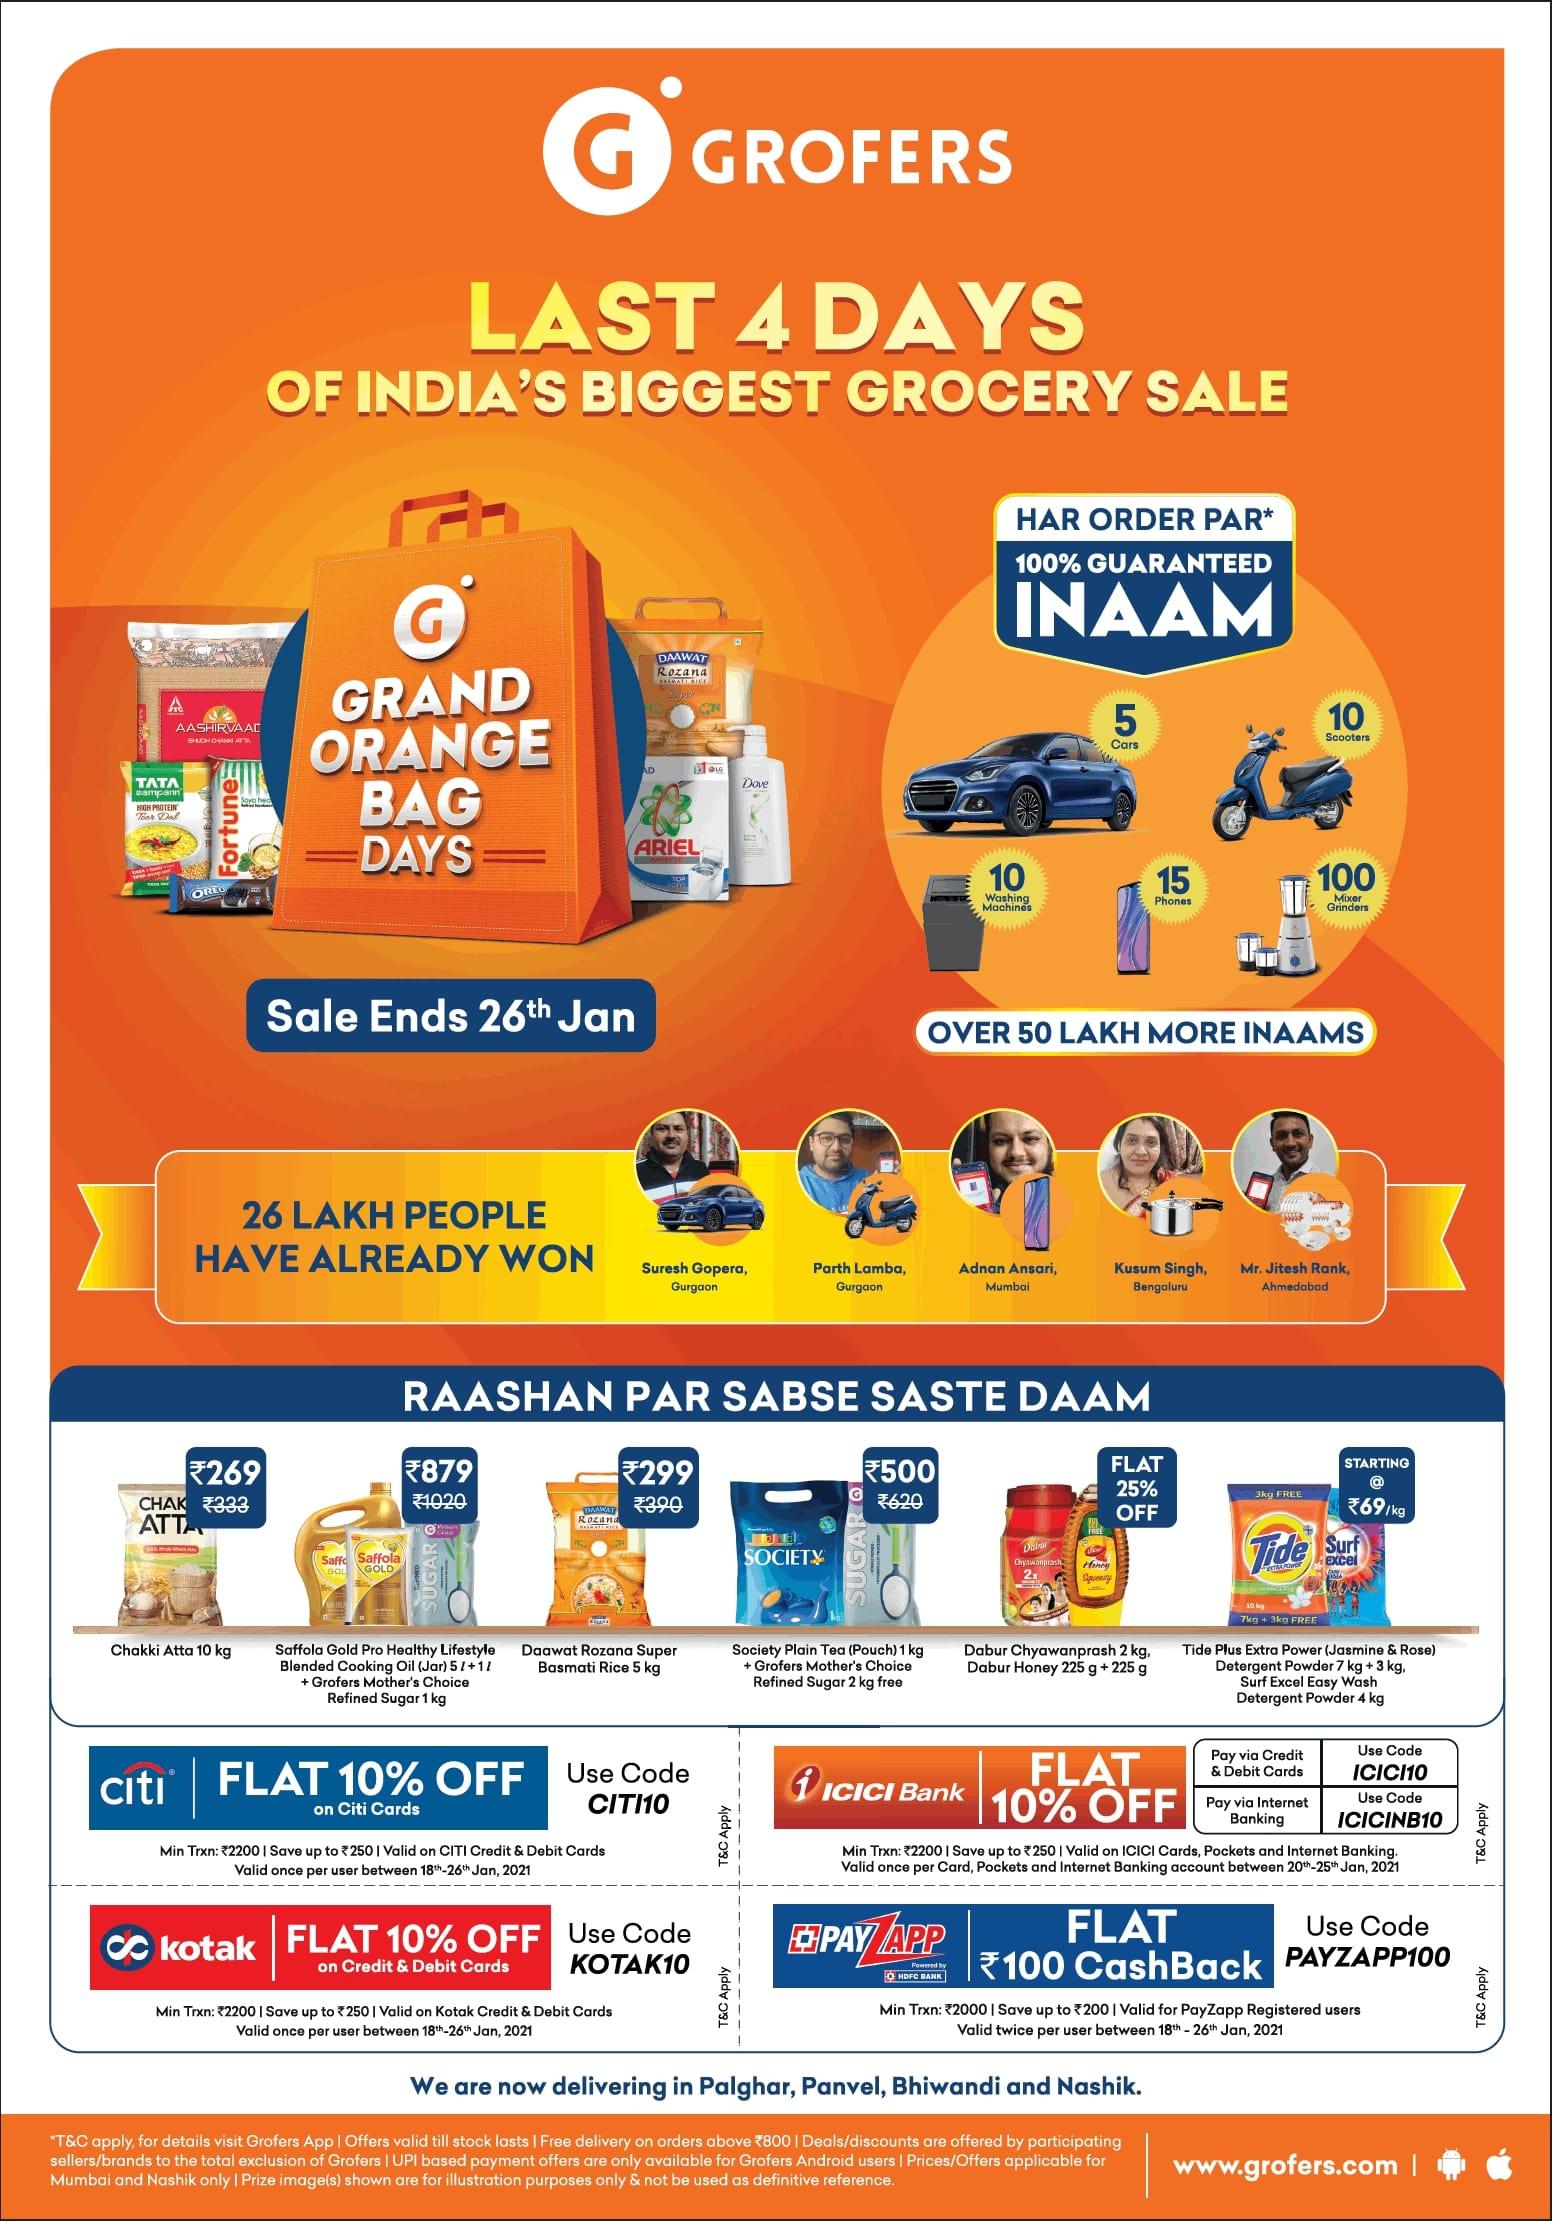 grofers-grand-orange-bag-says-har-order-par-inaam-ad-bombay-times-23-01-2021